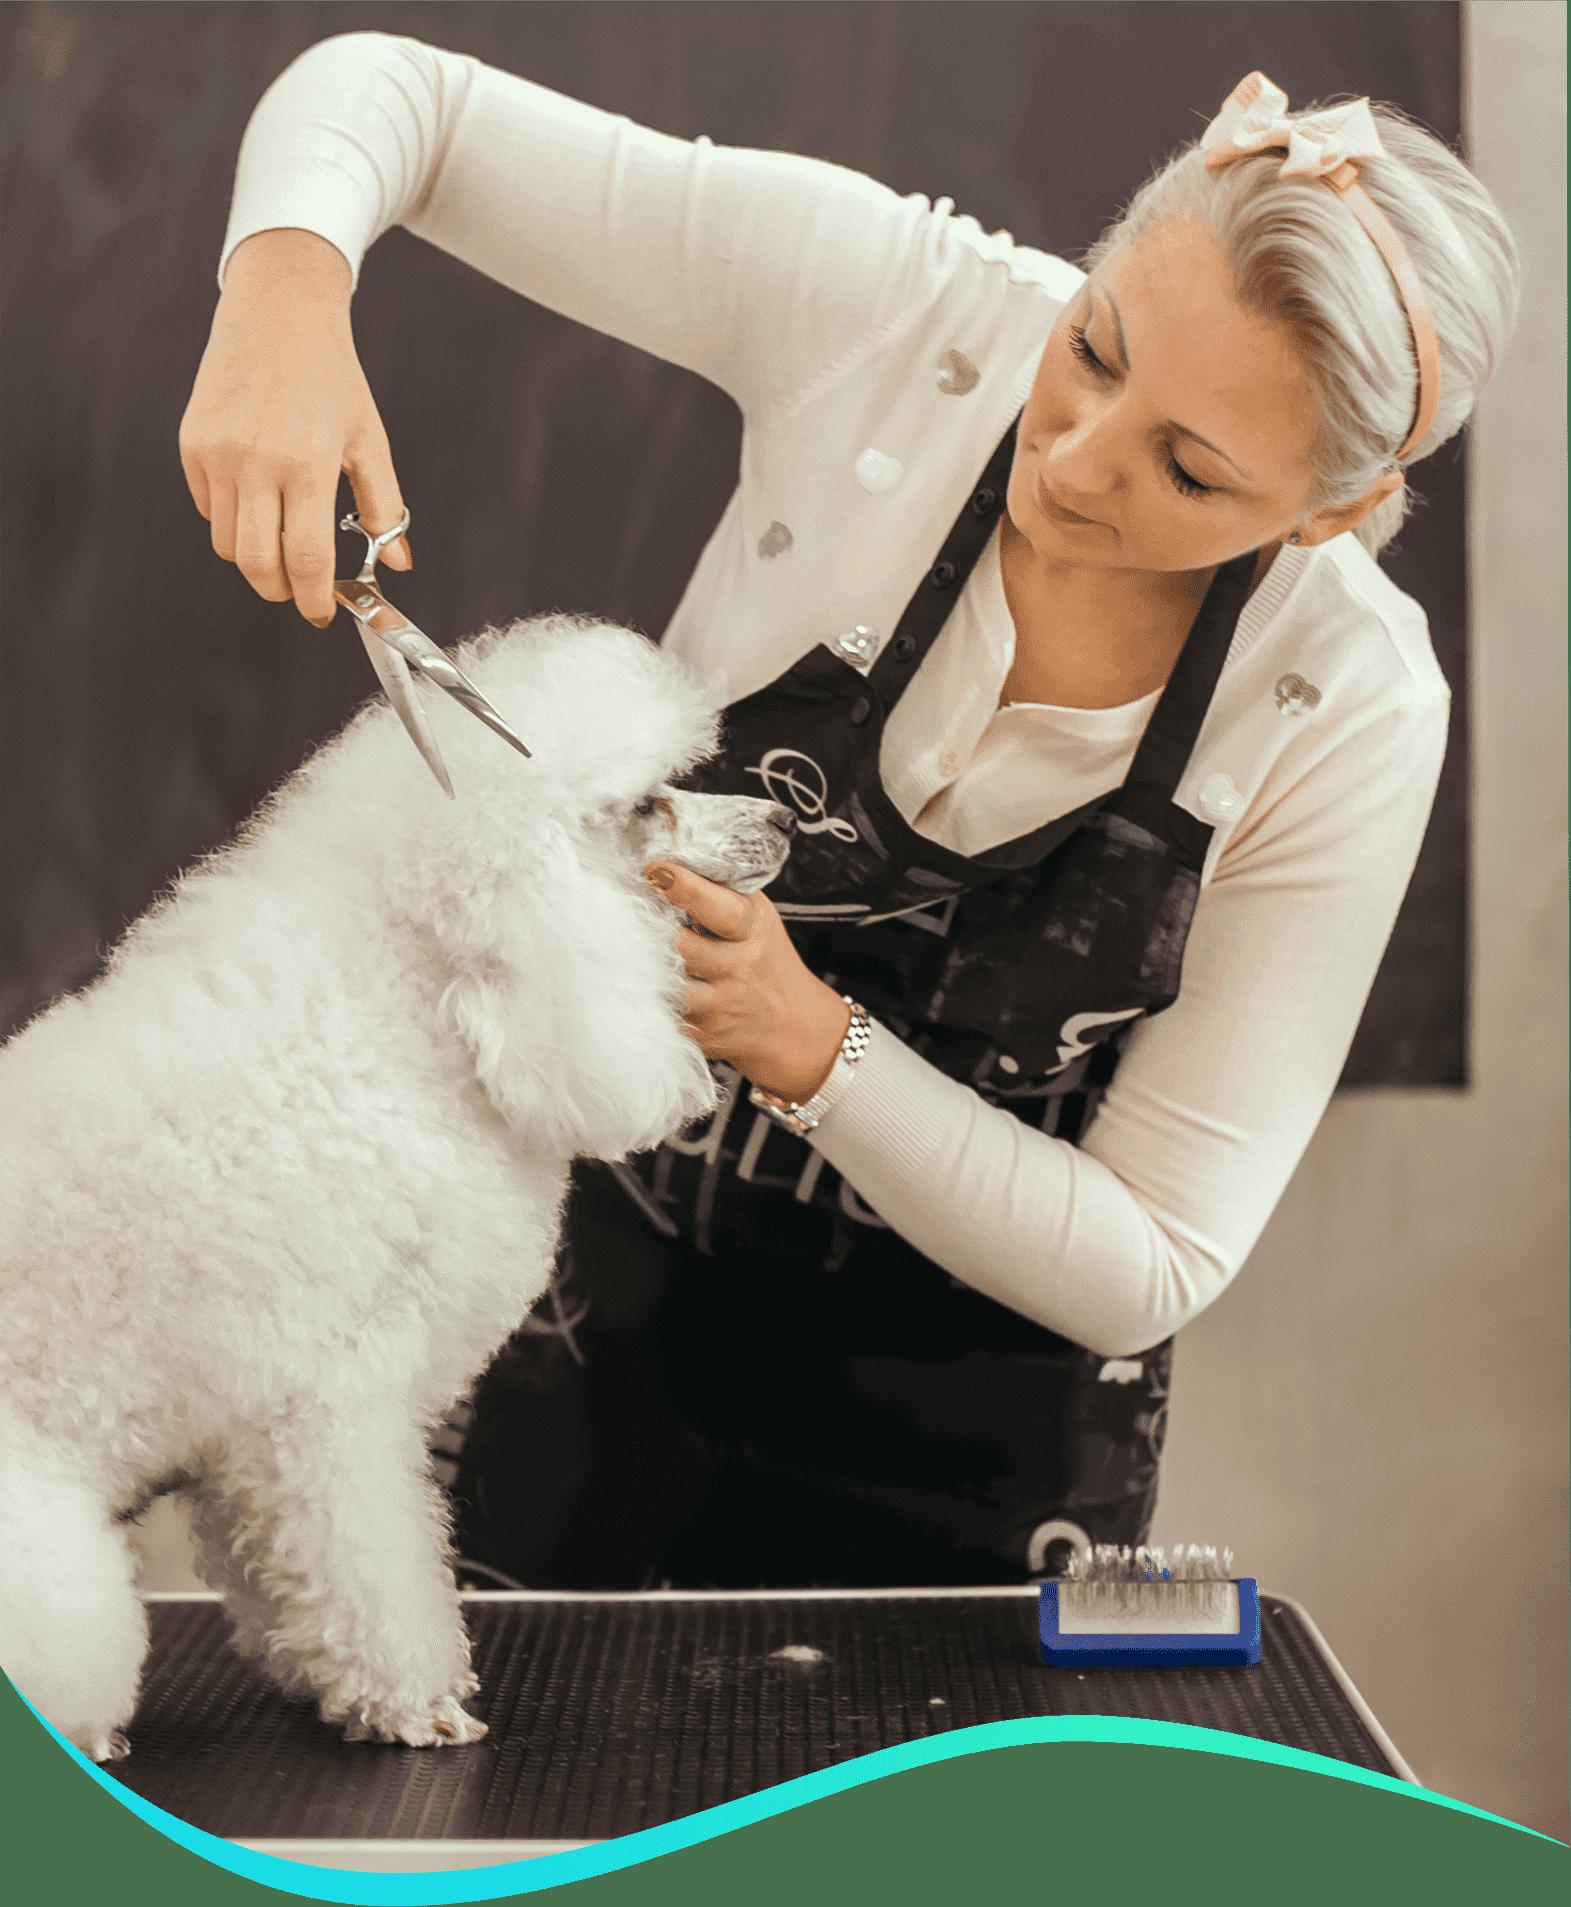 pet-grooming-specialist